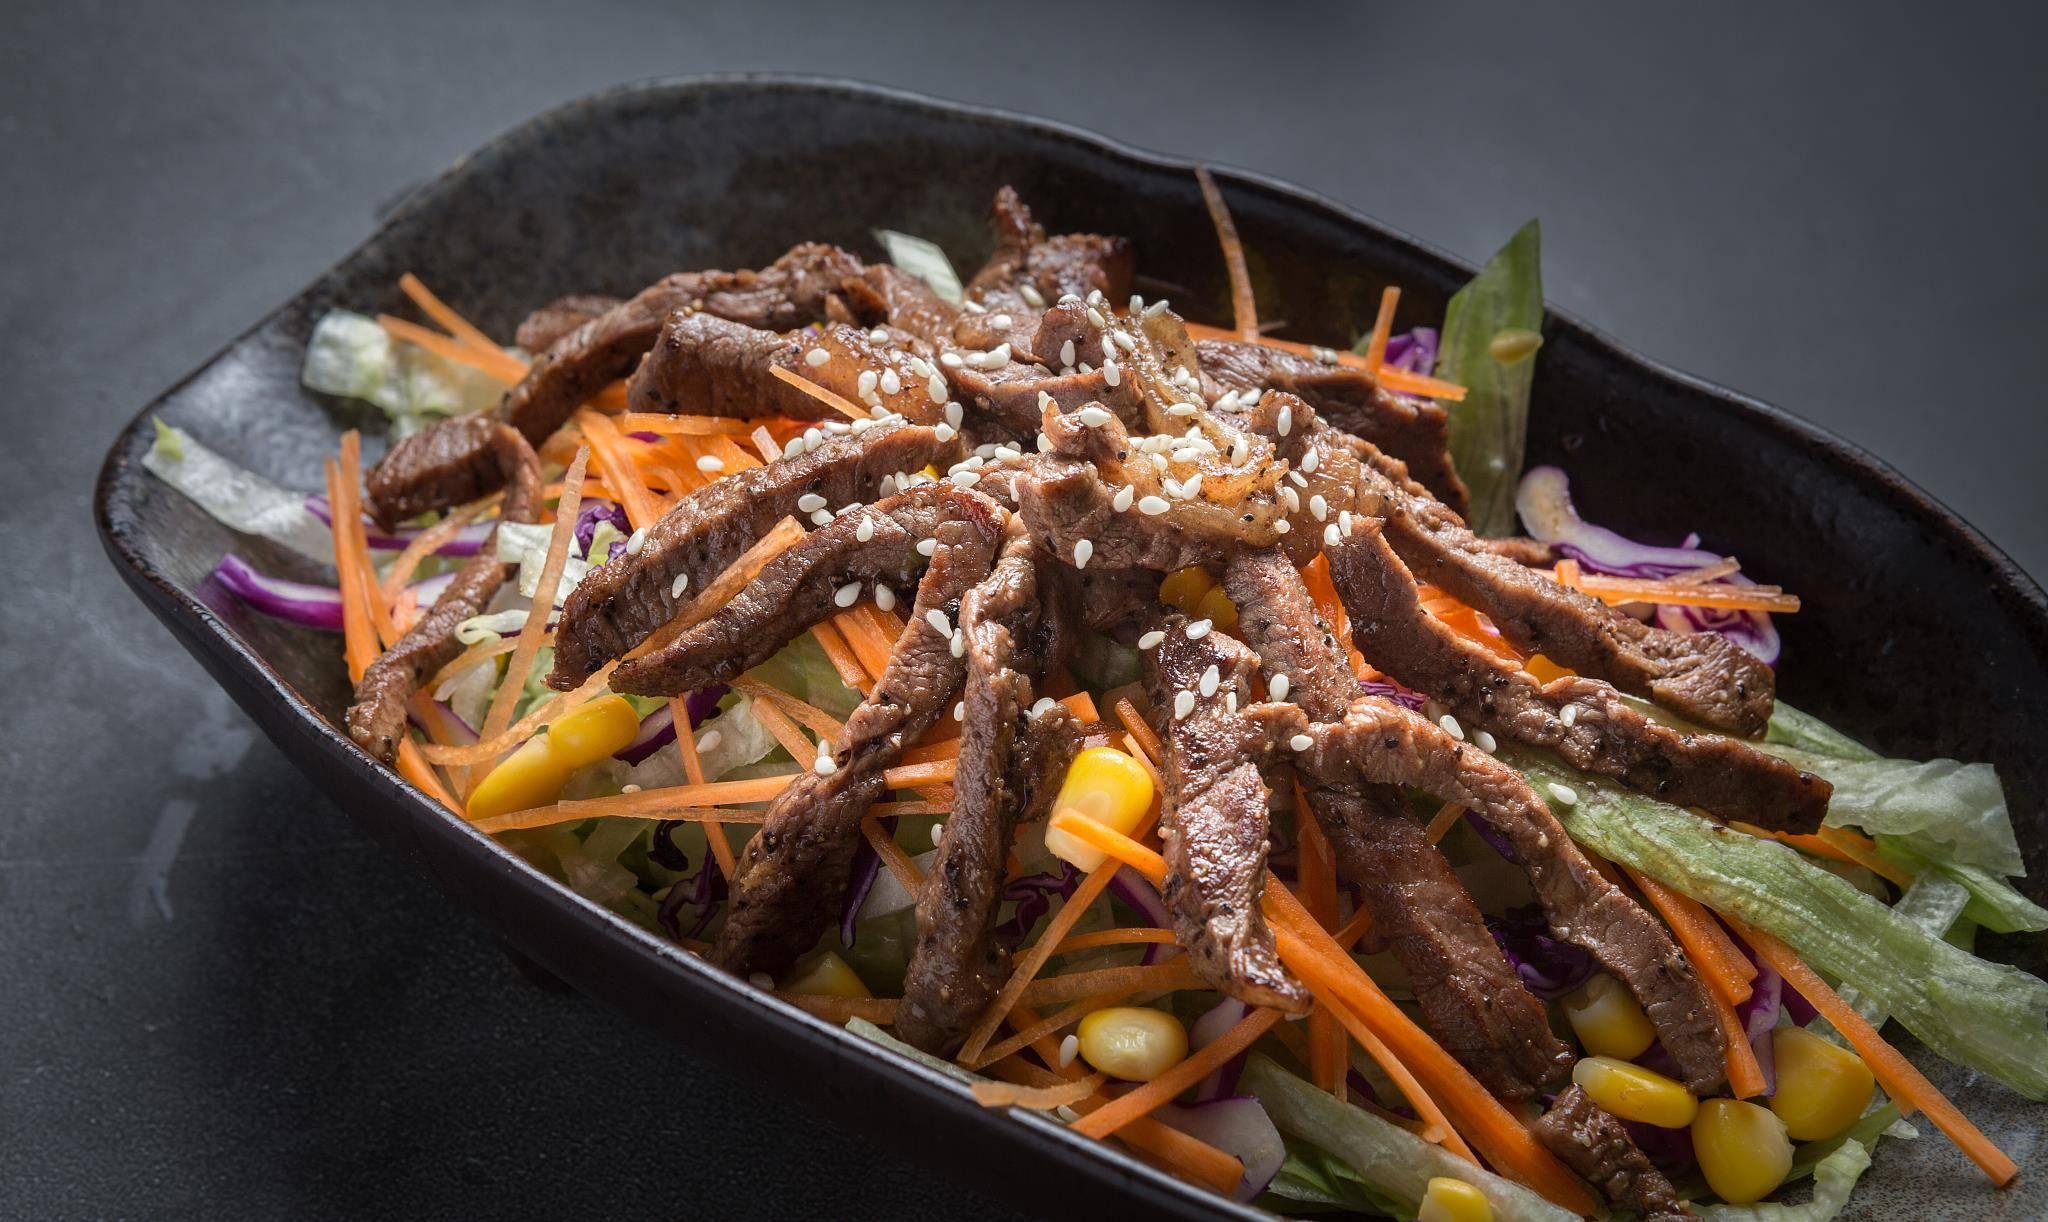 青山学几道特色硬菜的做法,制作过程简单,色香味俱全  一道菜的制作过程作文